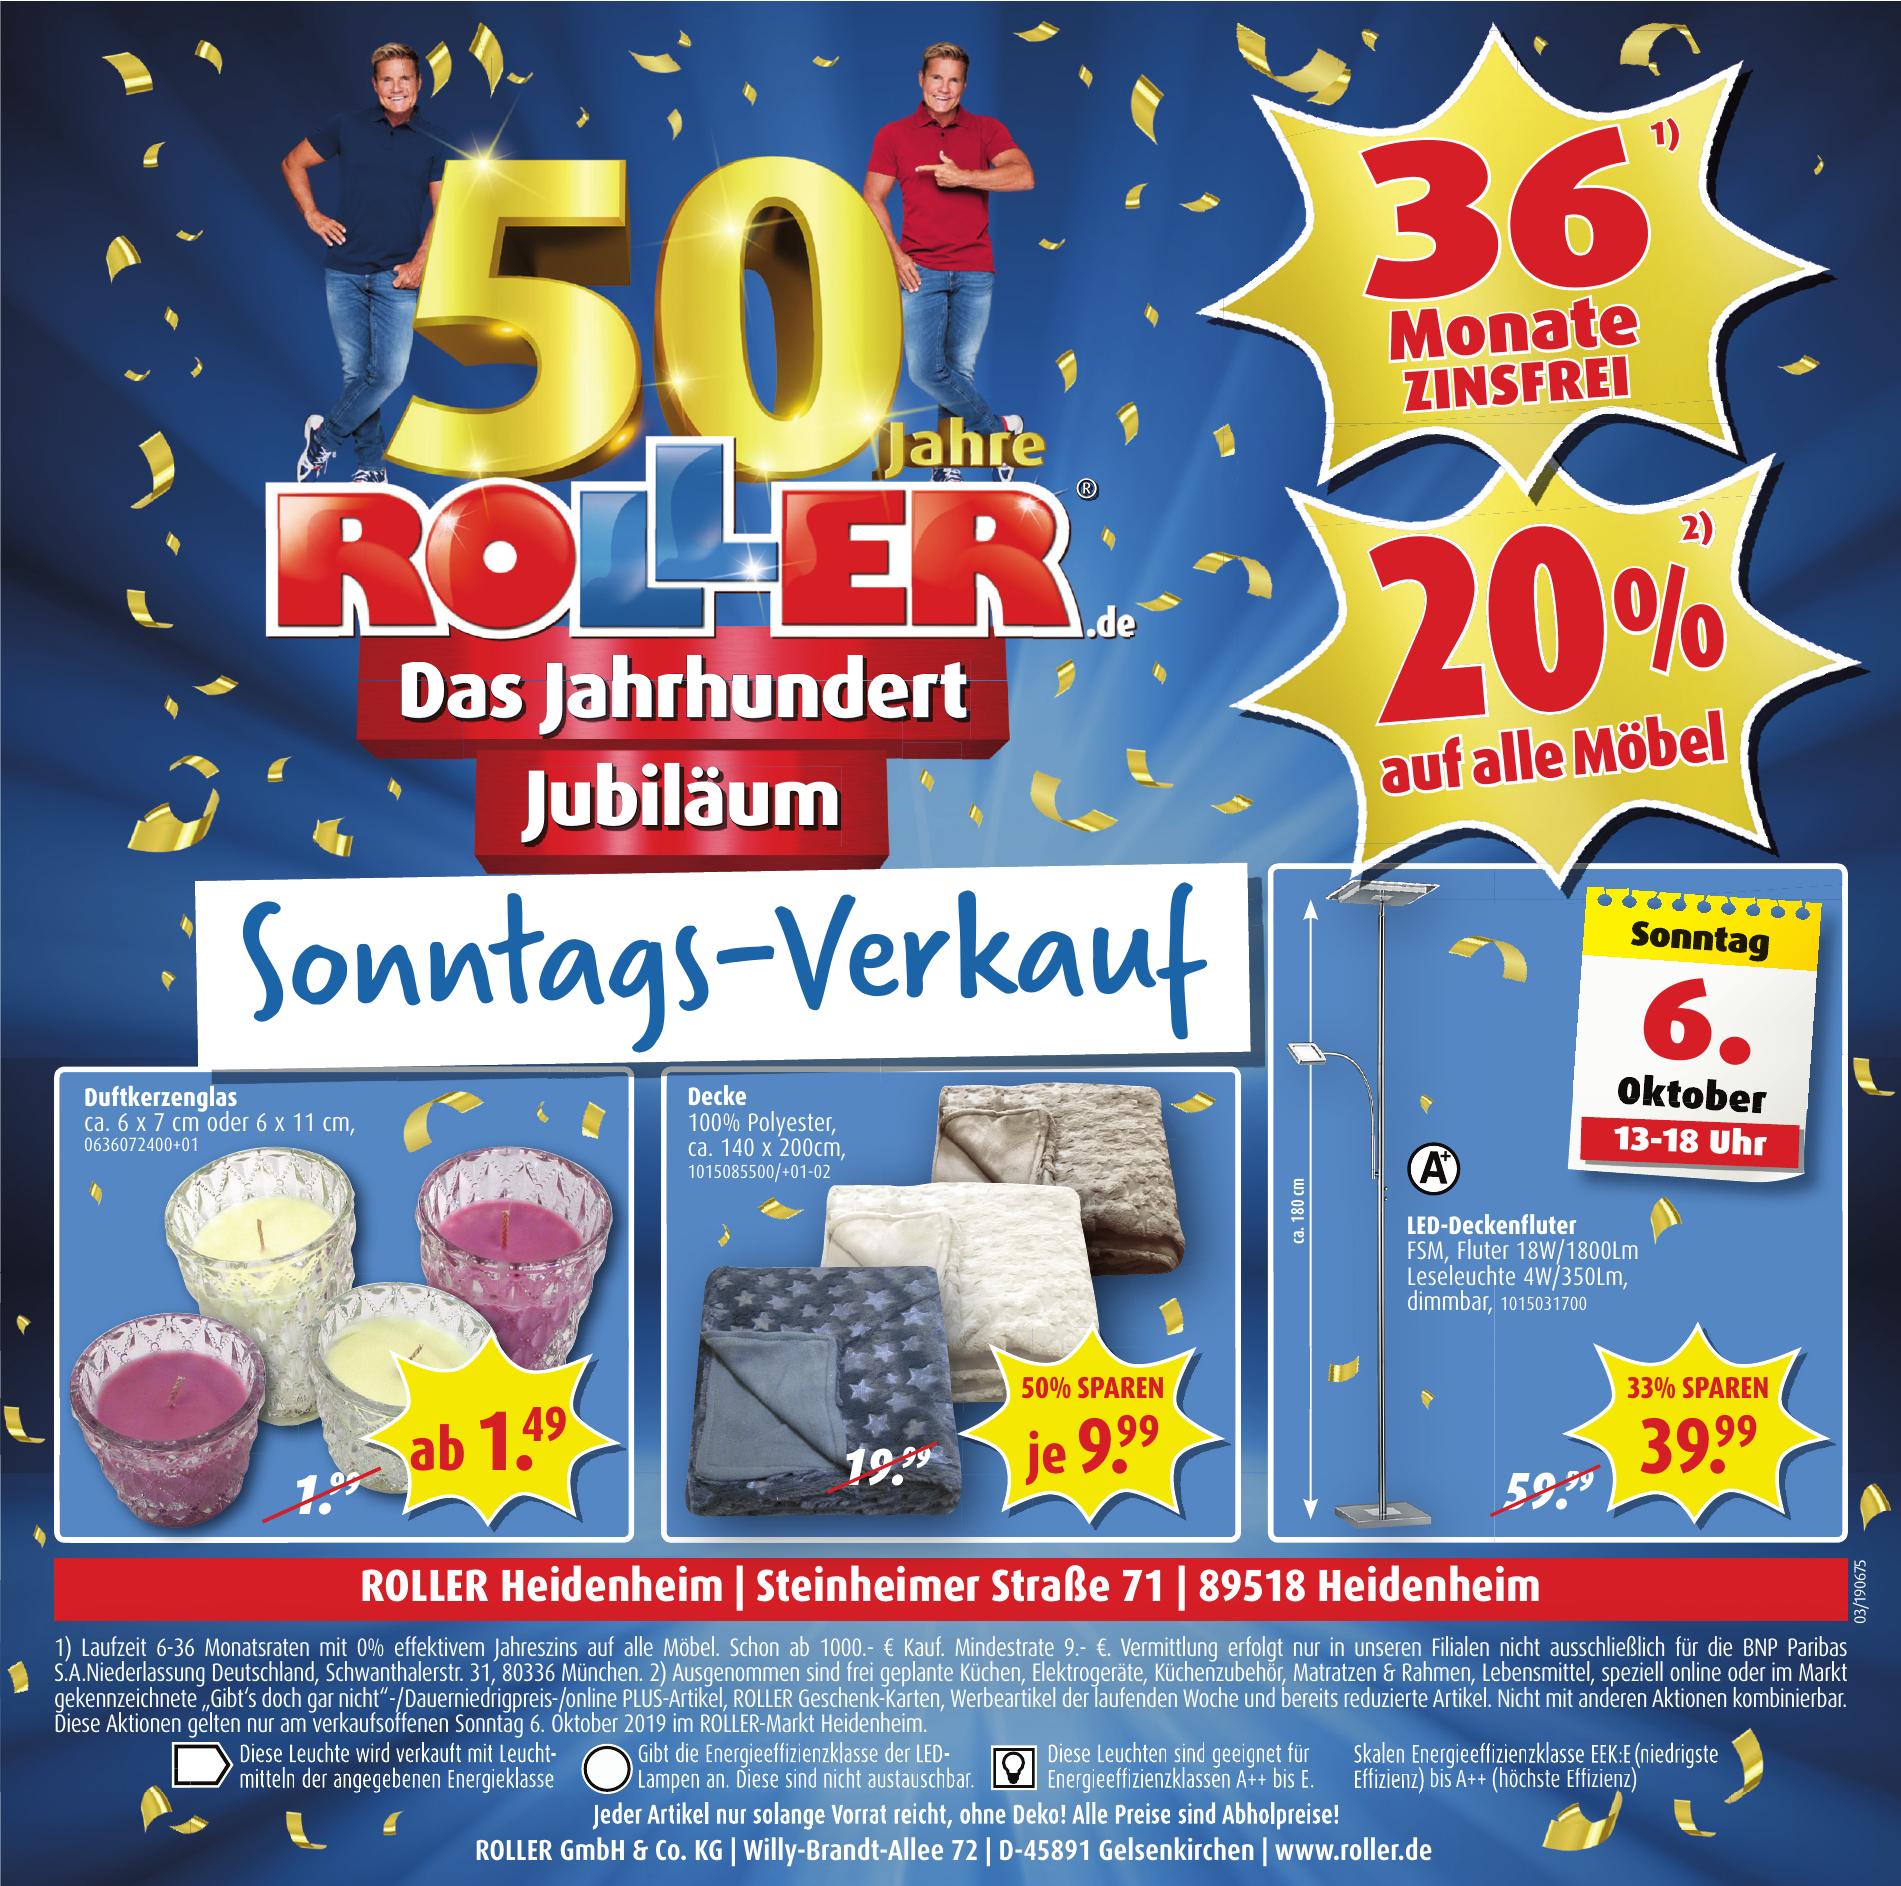 ROLLER Heidenheim